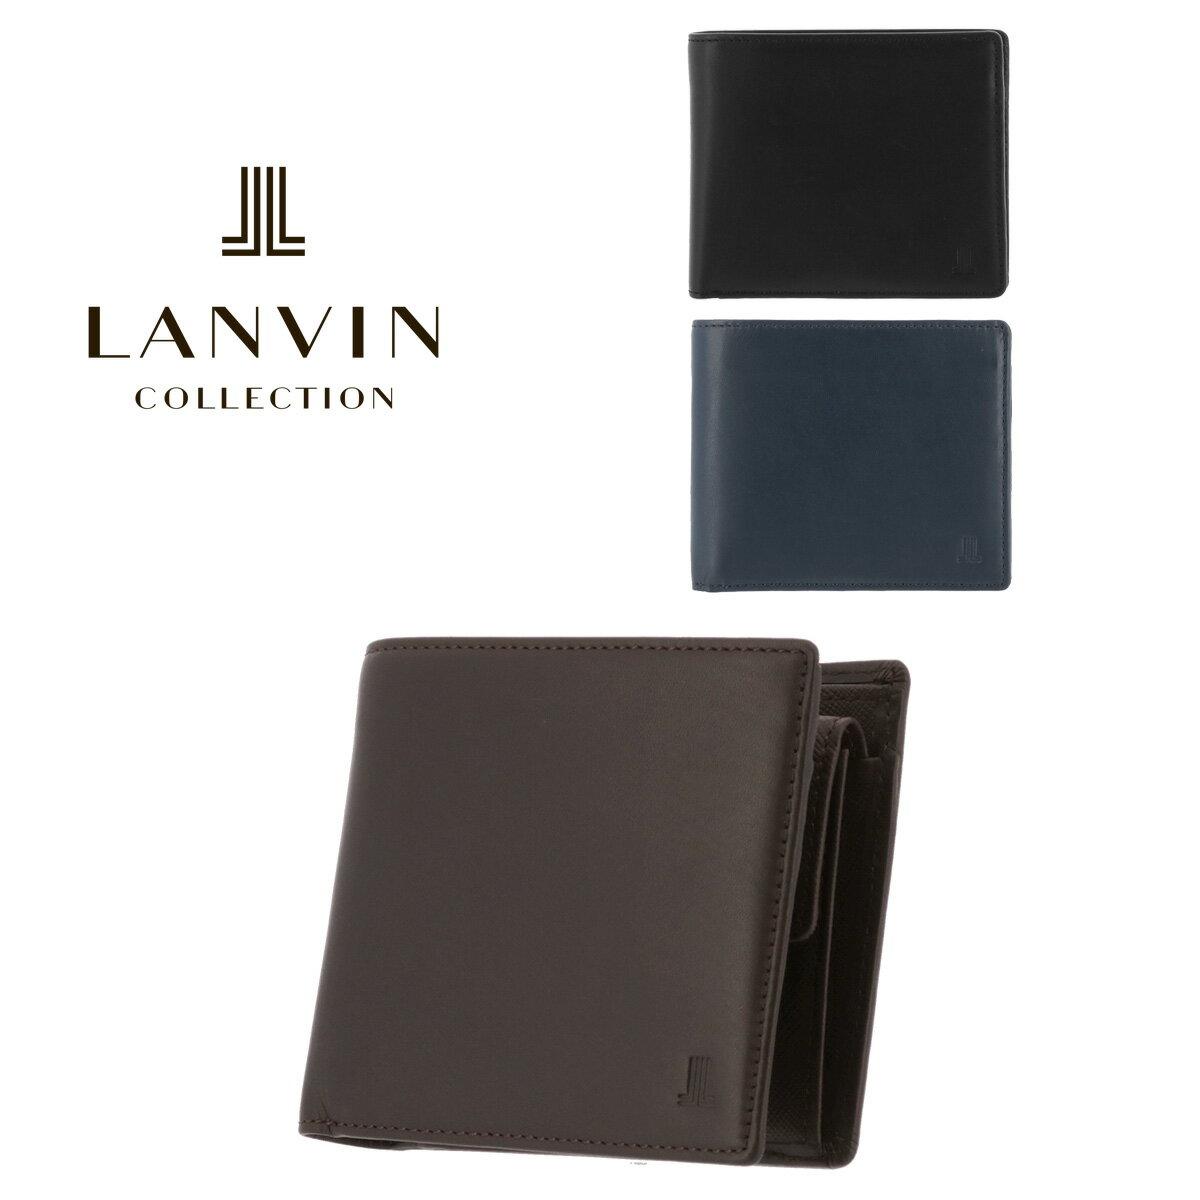 ランバンコレクション 二つ折り財布 エンボスコンビネーション JLMW7ES2 LANVIN COLLECTION 札入れ 本革 レザー メンズ[bef]